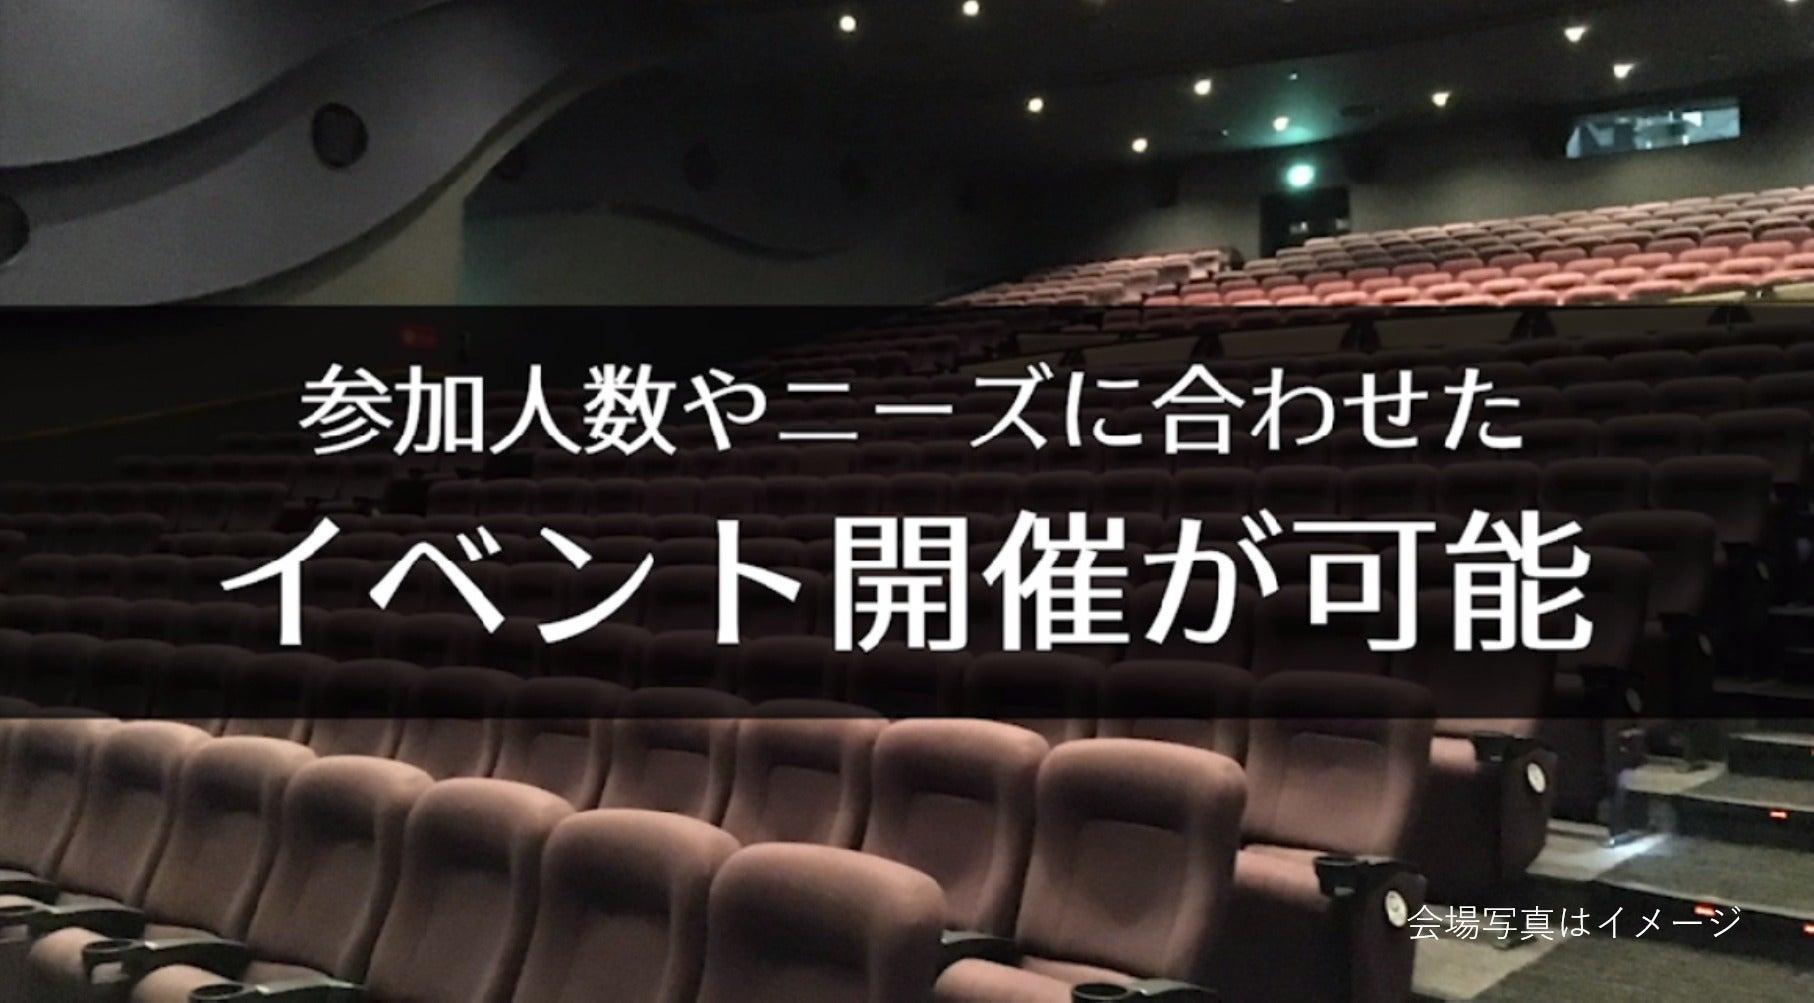 【長崎 134席】映画館で、会社説明会、株主総会、講演会の企画はいかがですか?(ユナイテッド・シネマ長崎) の写真0